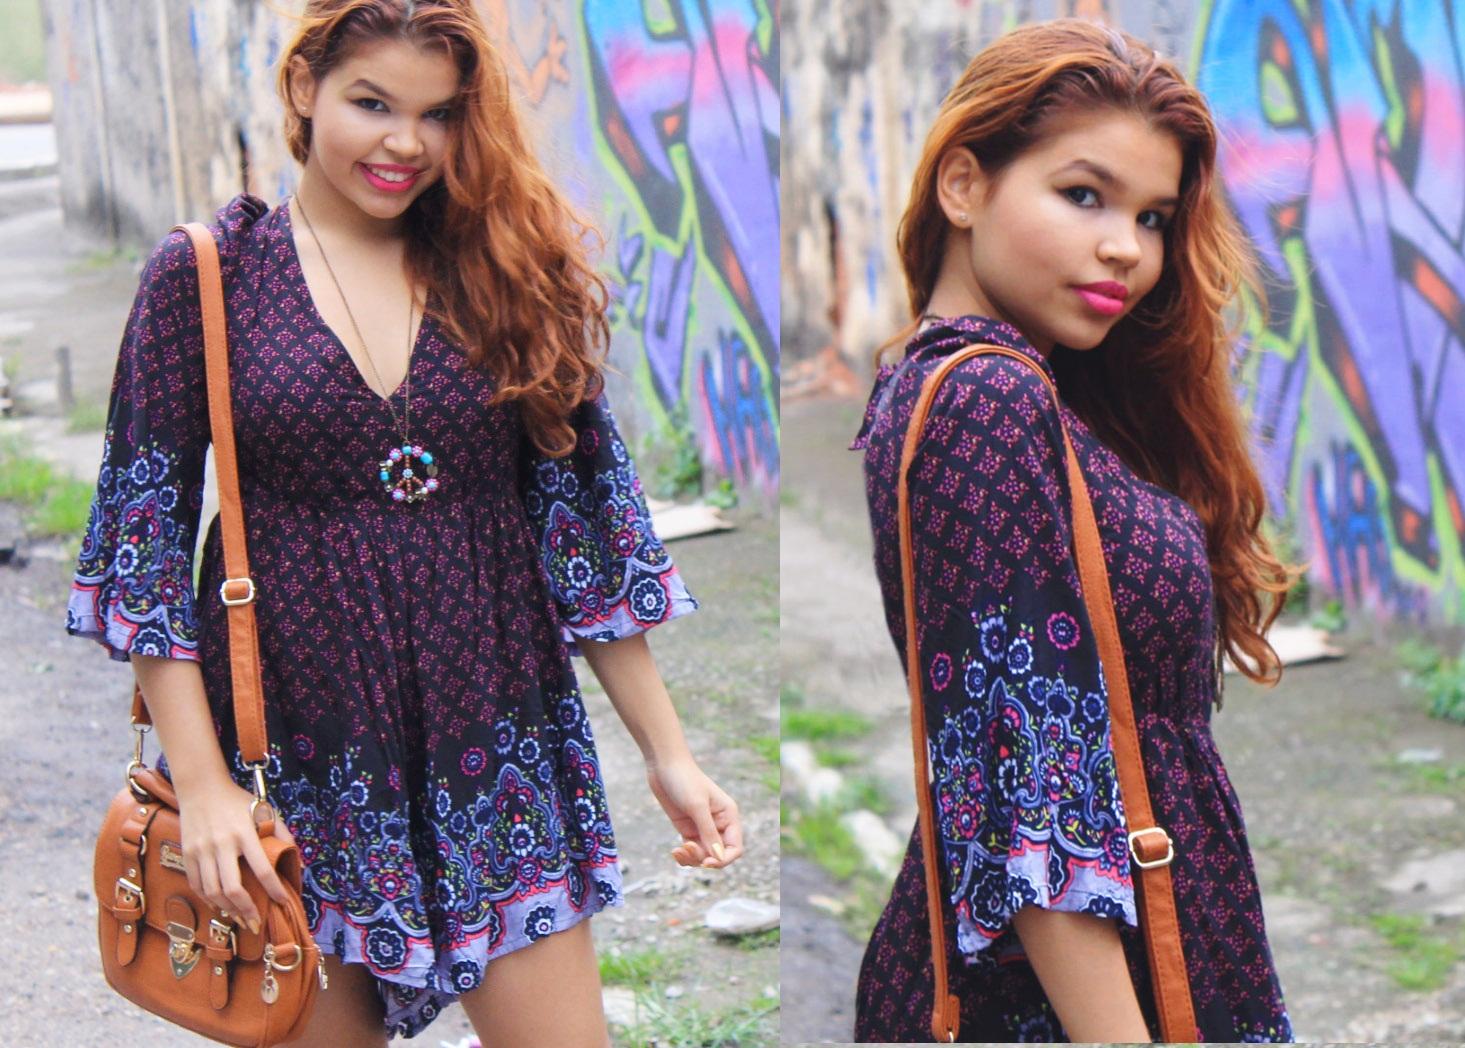 Fashion blogger, shein, look hippie chic, look macaquinho soltinho, macaquinho roxo com detalhes rosa, look com acessórios em tons terrosos, bota marrom, bolsa marrom, blogueira ruiva look,look boho, recebidos, parceria, lojinha da china.